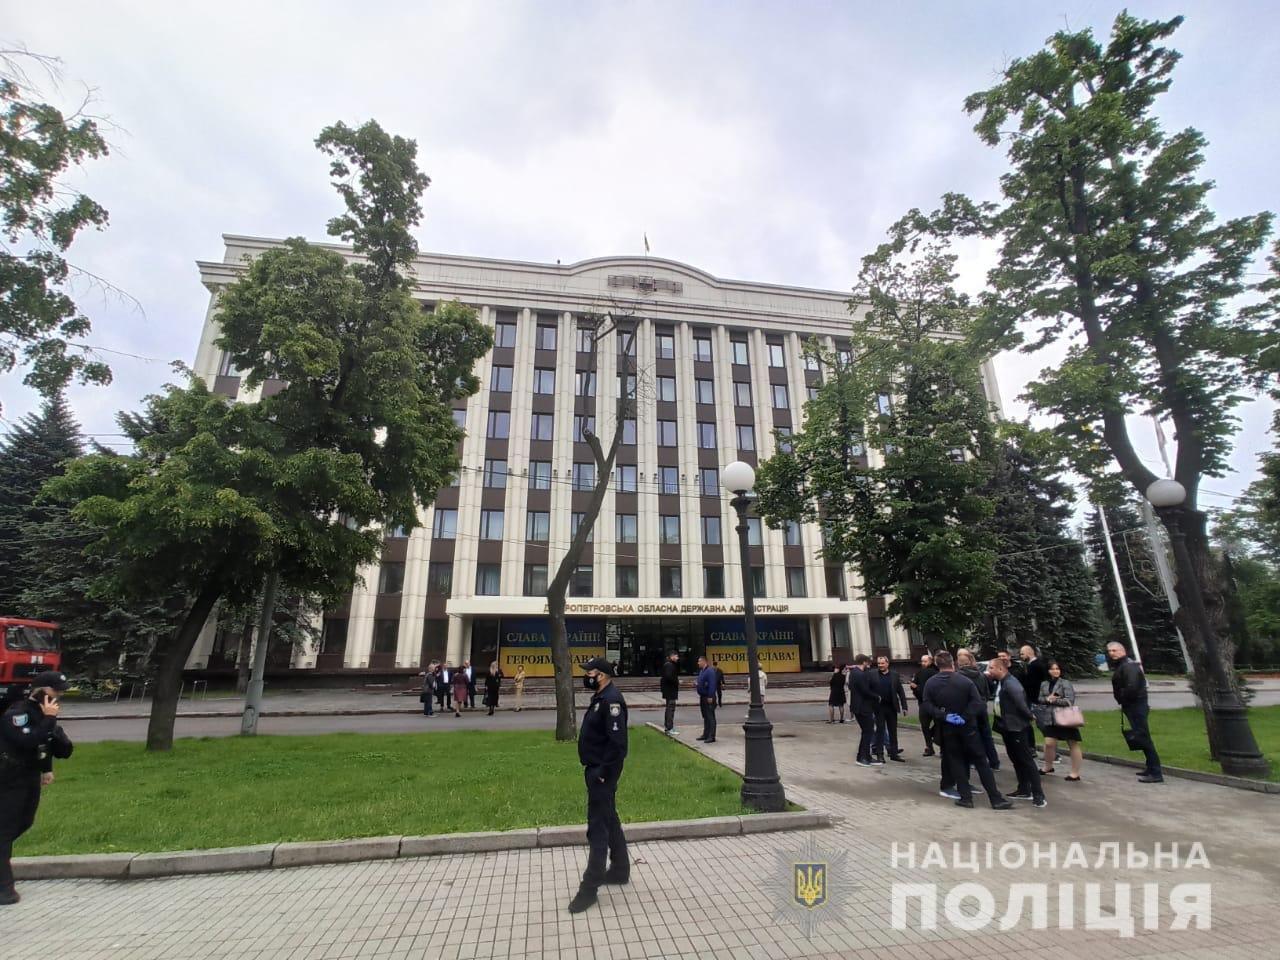 В Днепре задержали телефонного псевдоминера облсовета и обладминистрации, - ФОТО, фото-1